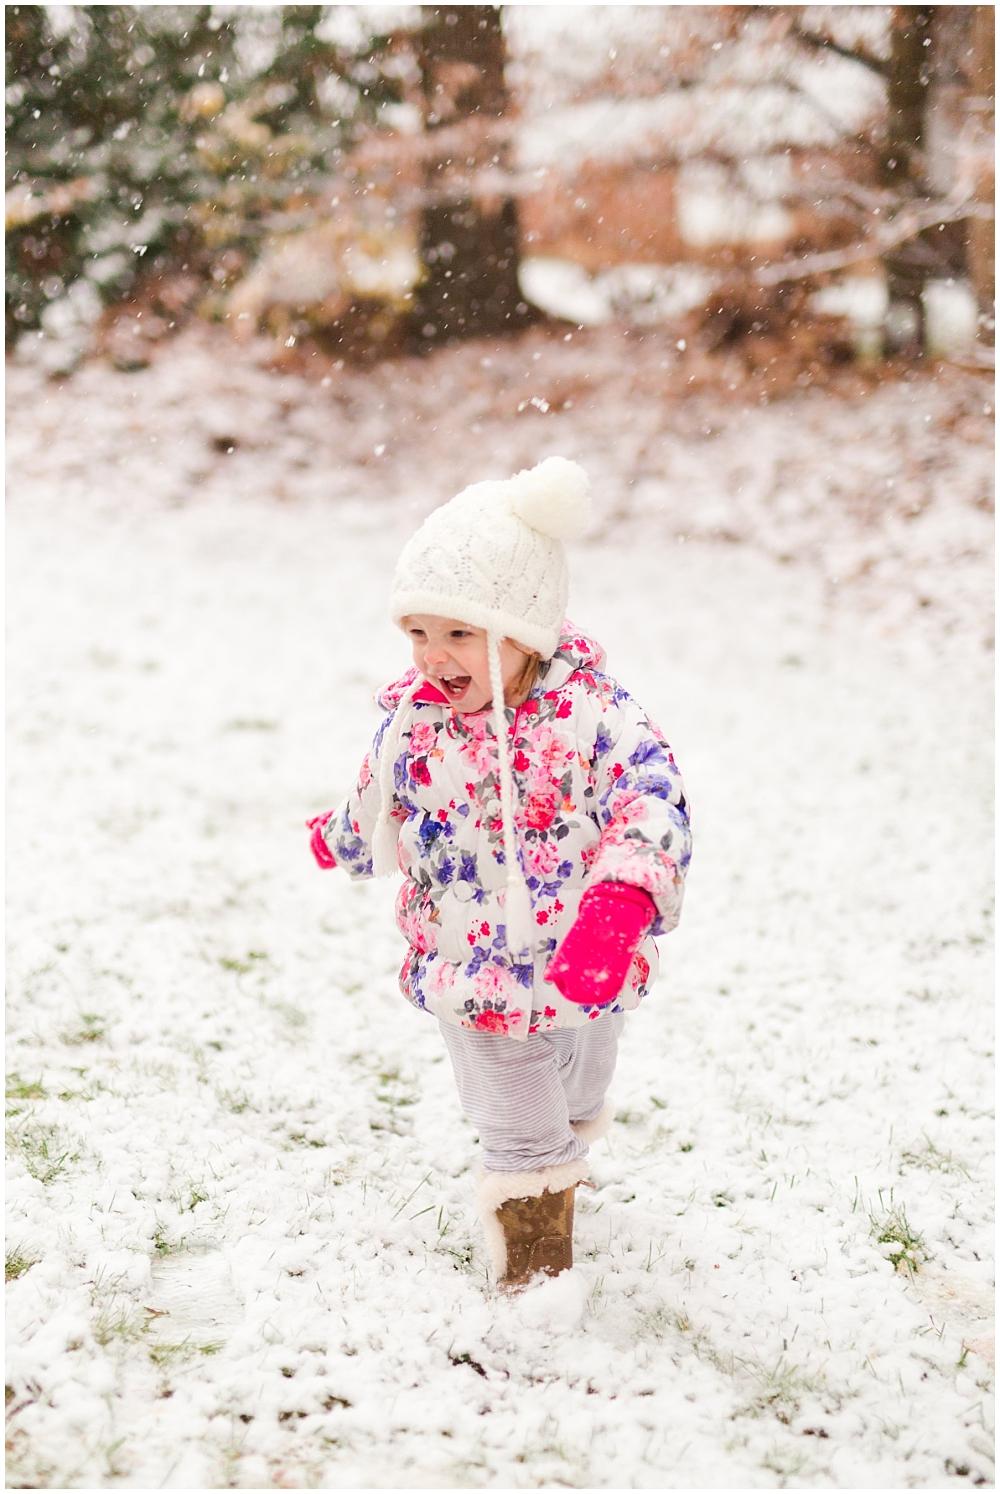 Snow_0012.jpg